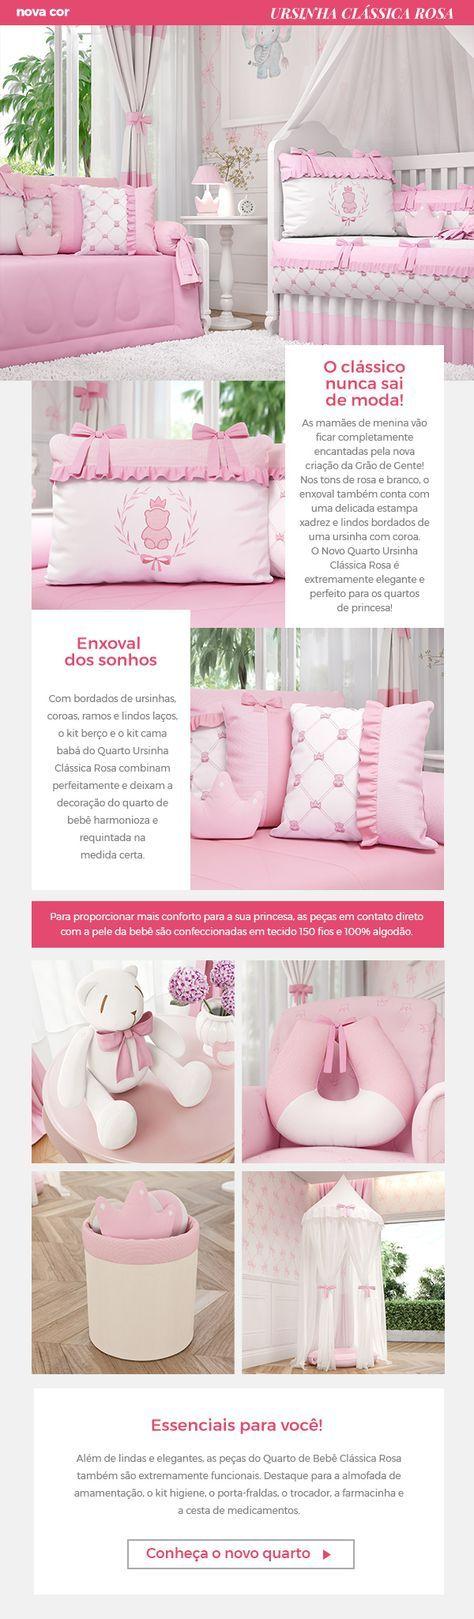 Os clássicos nunca saem de moda! Por isso o novo Quarto de Bebê Ursinha Clássica Rosa é a escolha certa para o cantinho da sua menina! Com detalhes em xadrez e bordados exclusivos, você vai se apaixonar pelo capricho no mundo cor-de-rosa que será a decoração do quarto de bebê Ursinha Clássica!